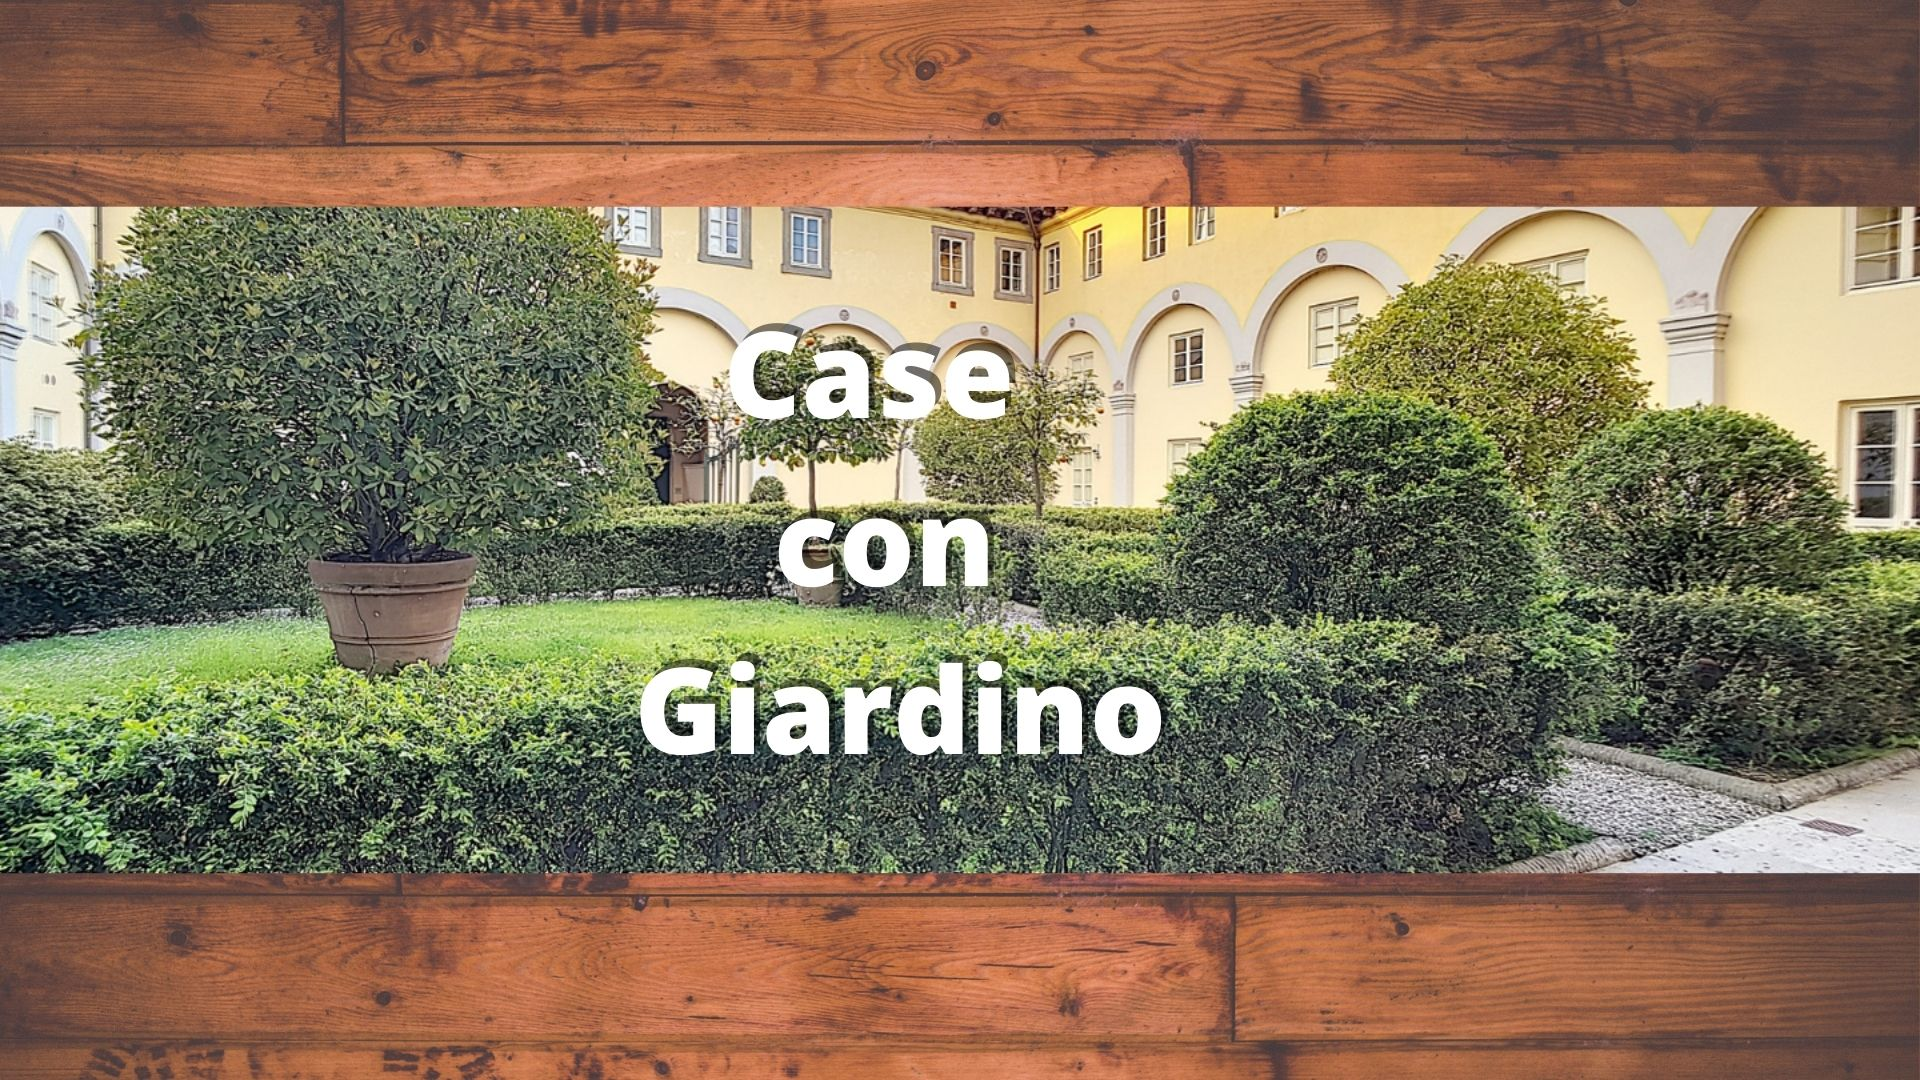 Case con Giardino